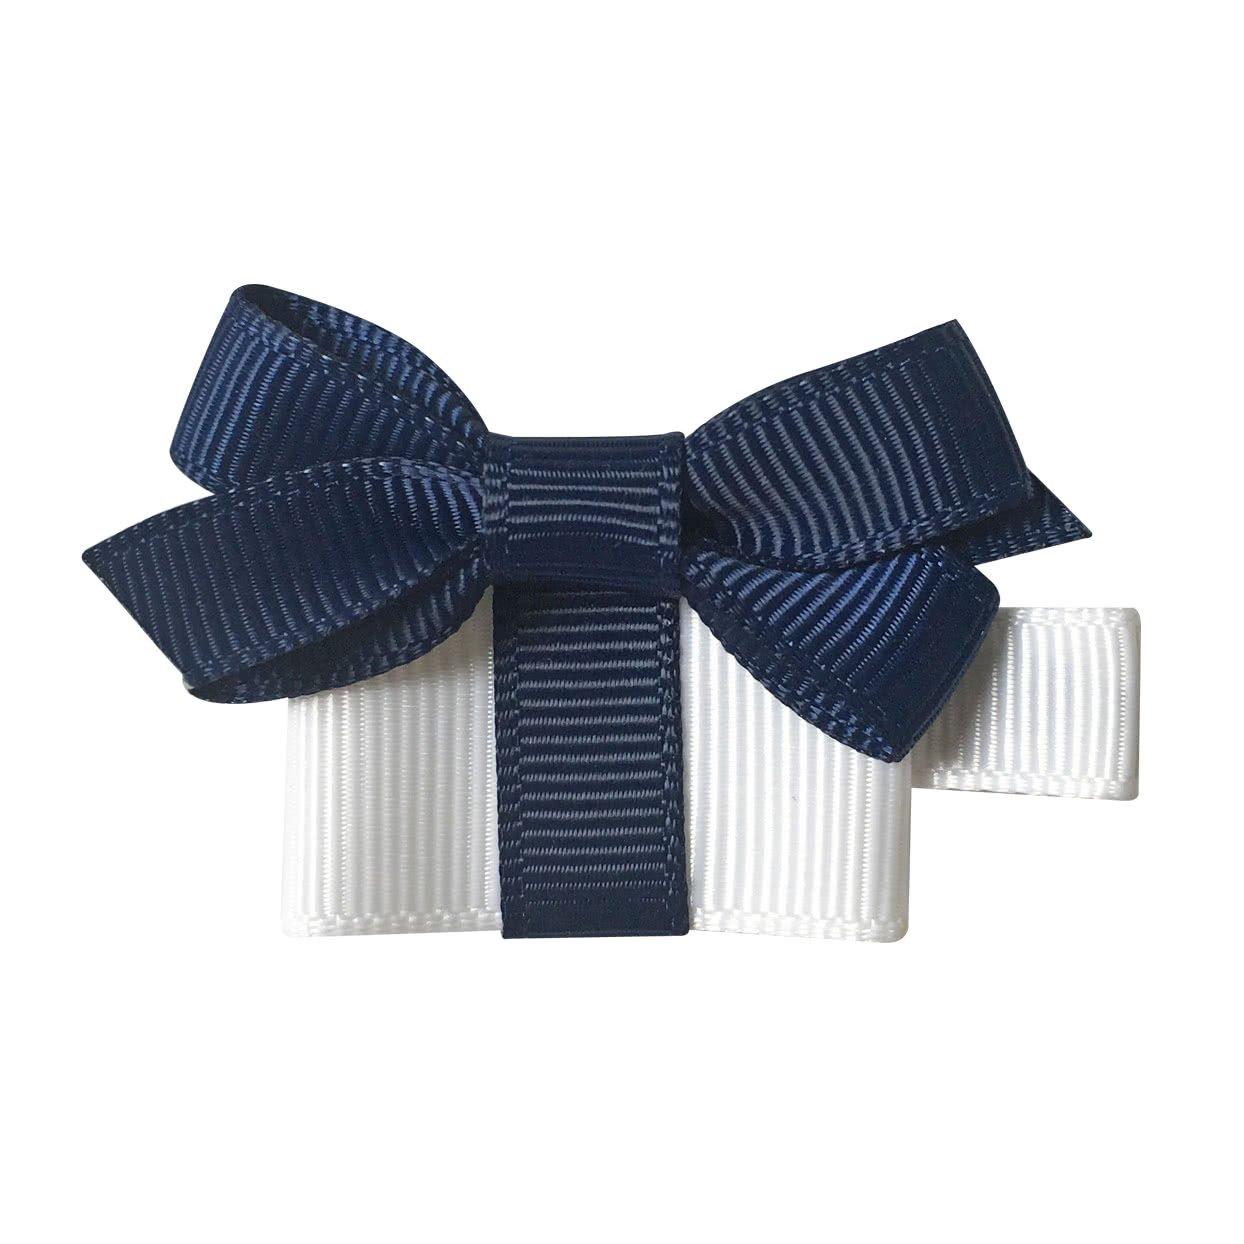 Image of Milledeux® Gift - alligator clip - navy